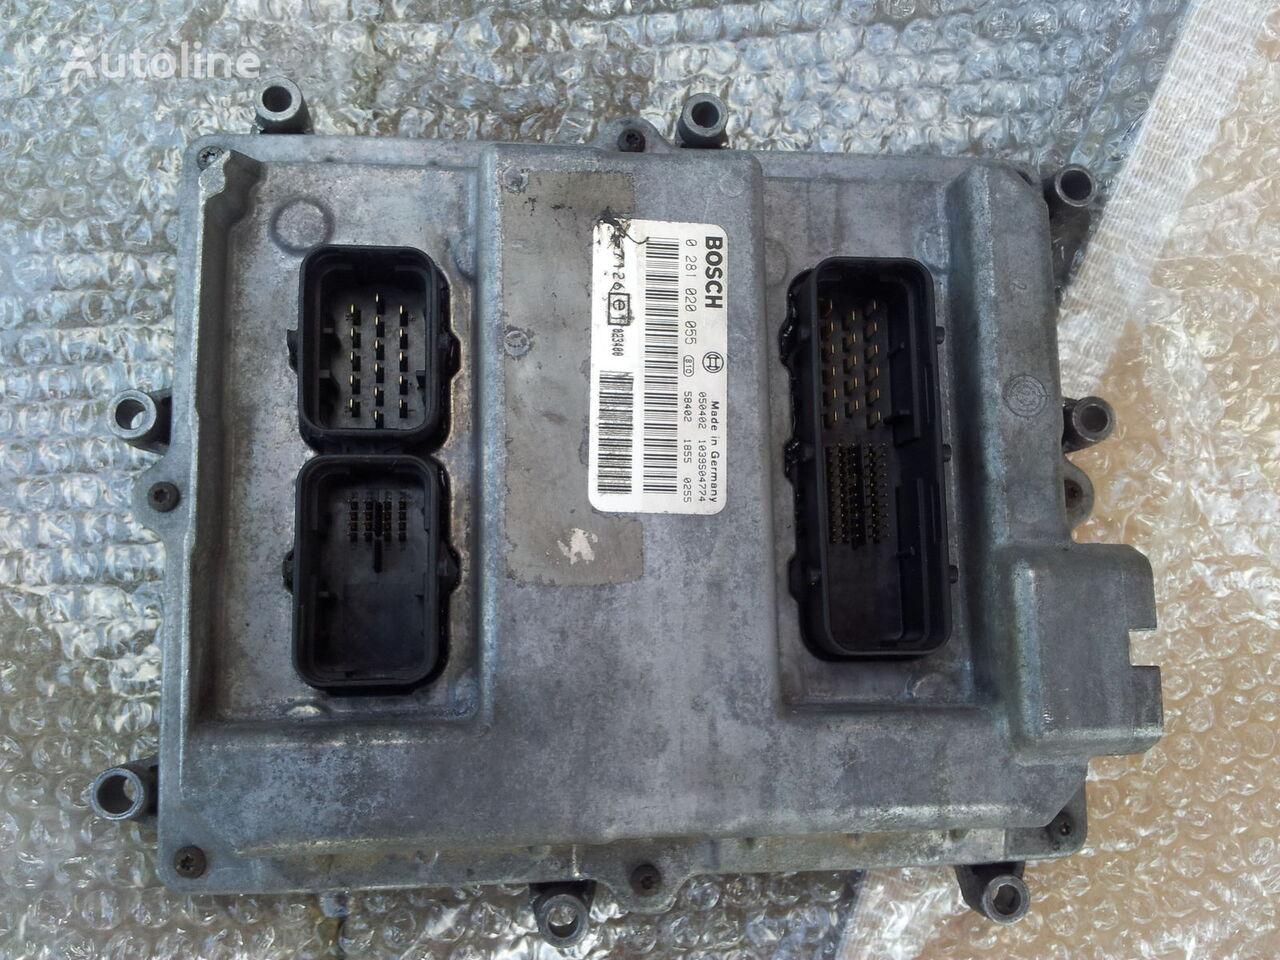 MAN TGA tır için MAN Common Rail EDC, ECU electronic diesel control 0281020055, D2066LF01, 51258037126, 51258337169, 51258037127, 51258337168 yönetim bloğu